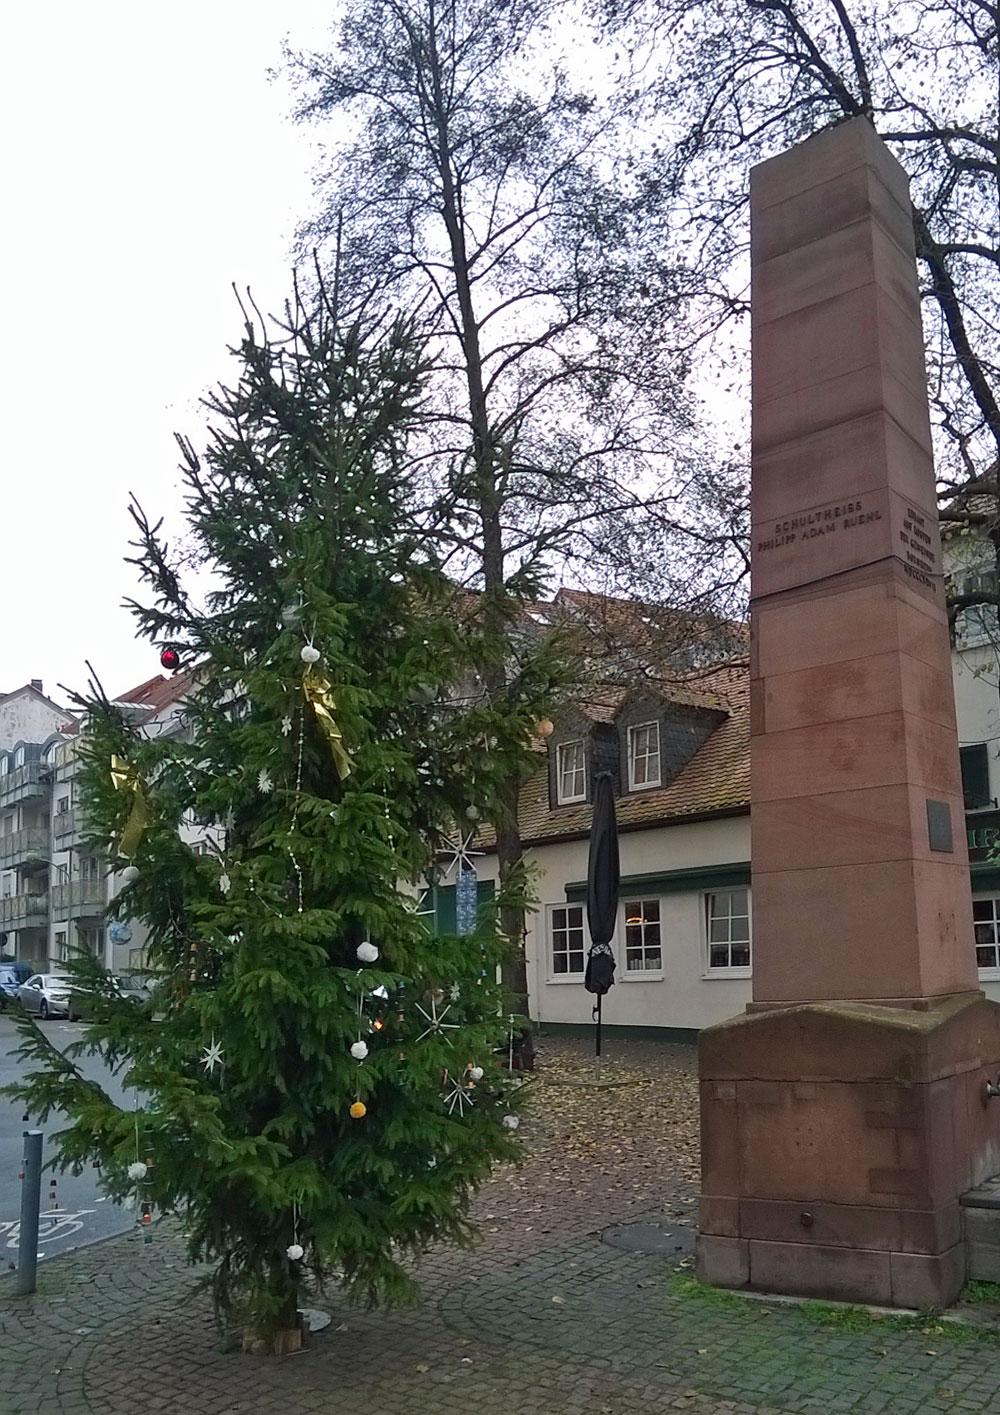 Weihnachtsbaum bornheim my blog for Weihnachtsbaum vorhang